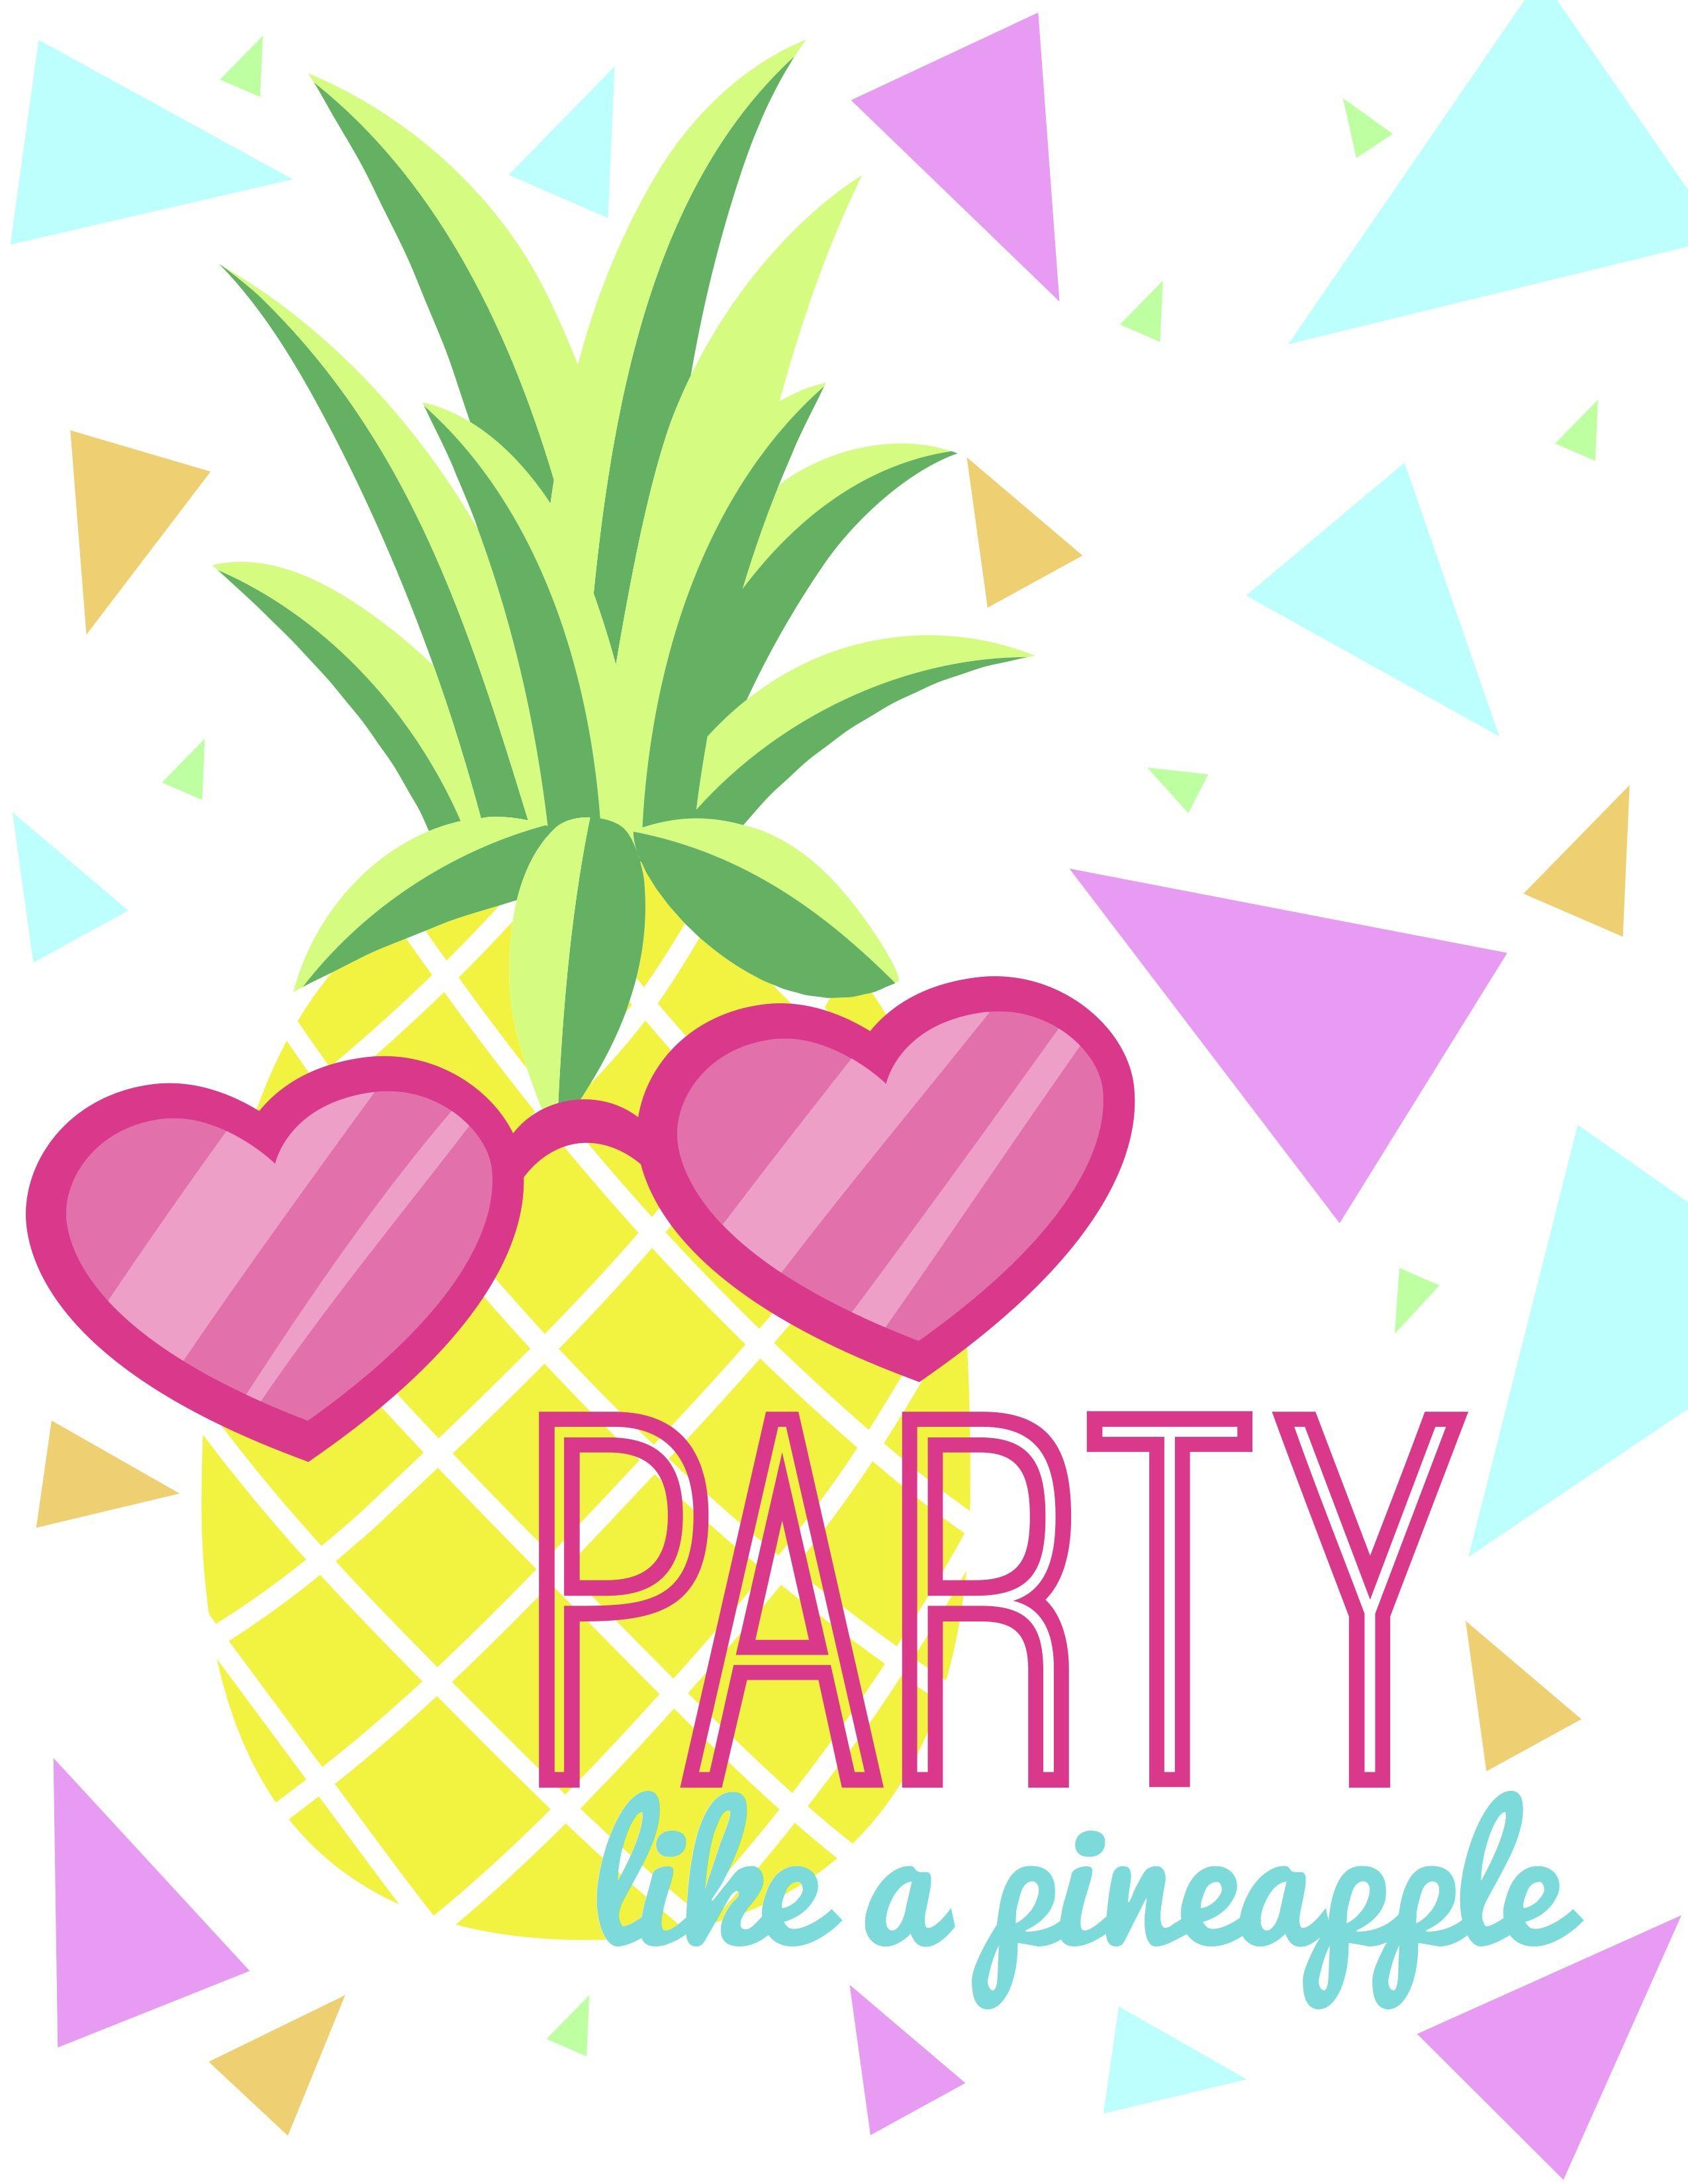 Bold Amp Pop Freebies Party Like A Pineapple 8x10